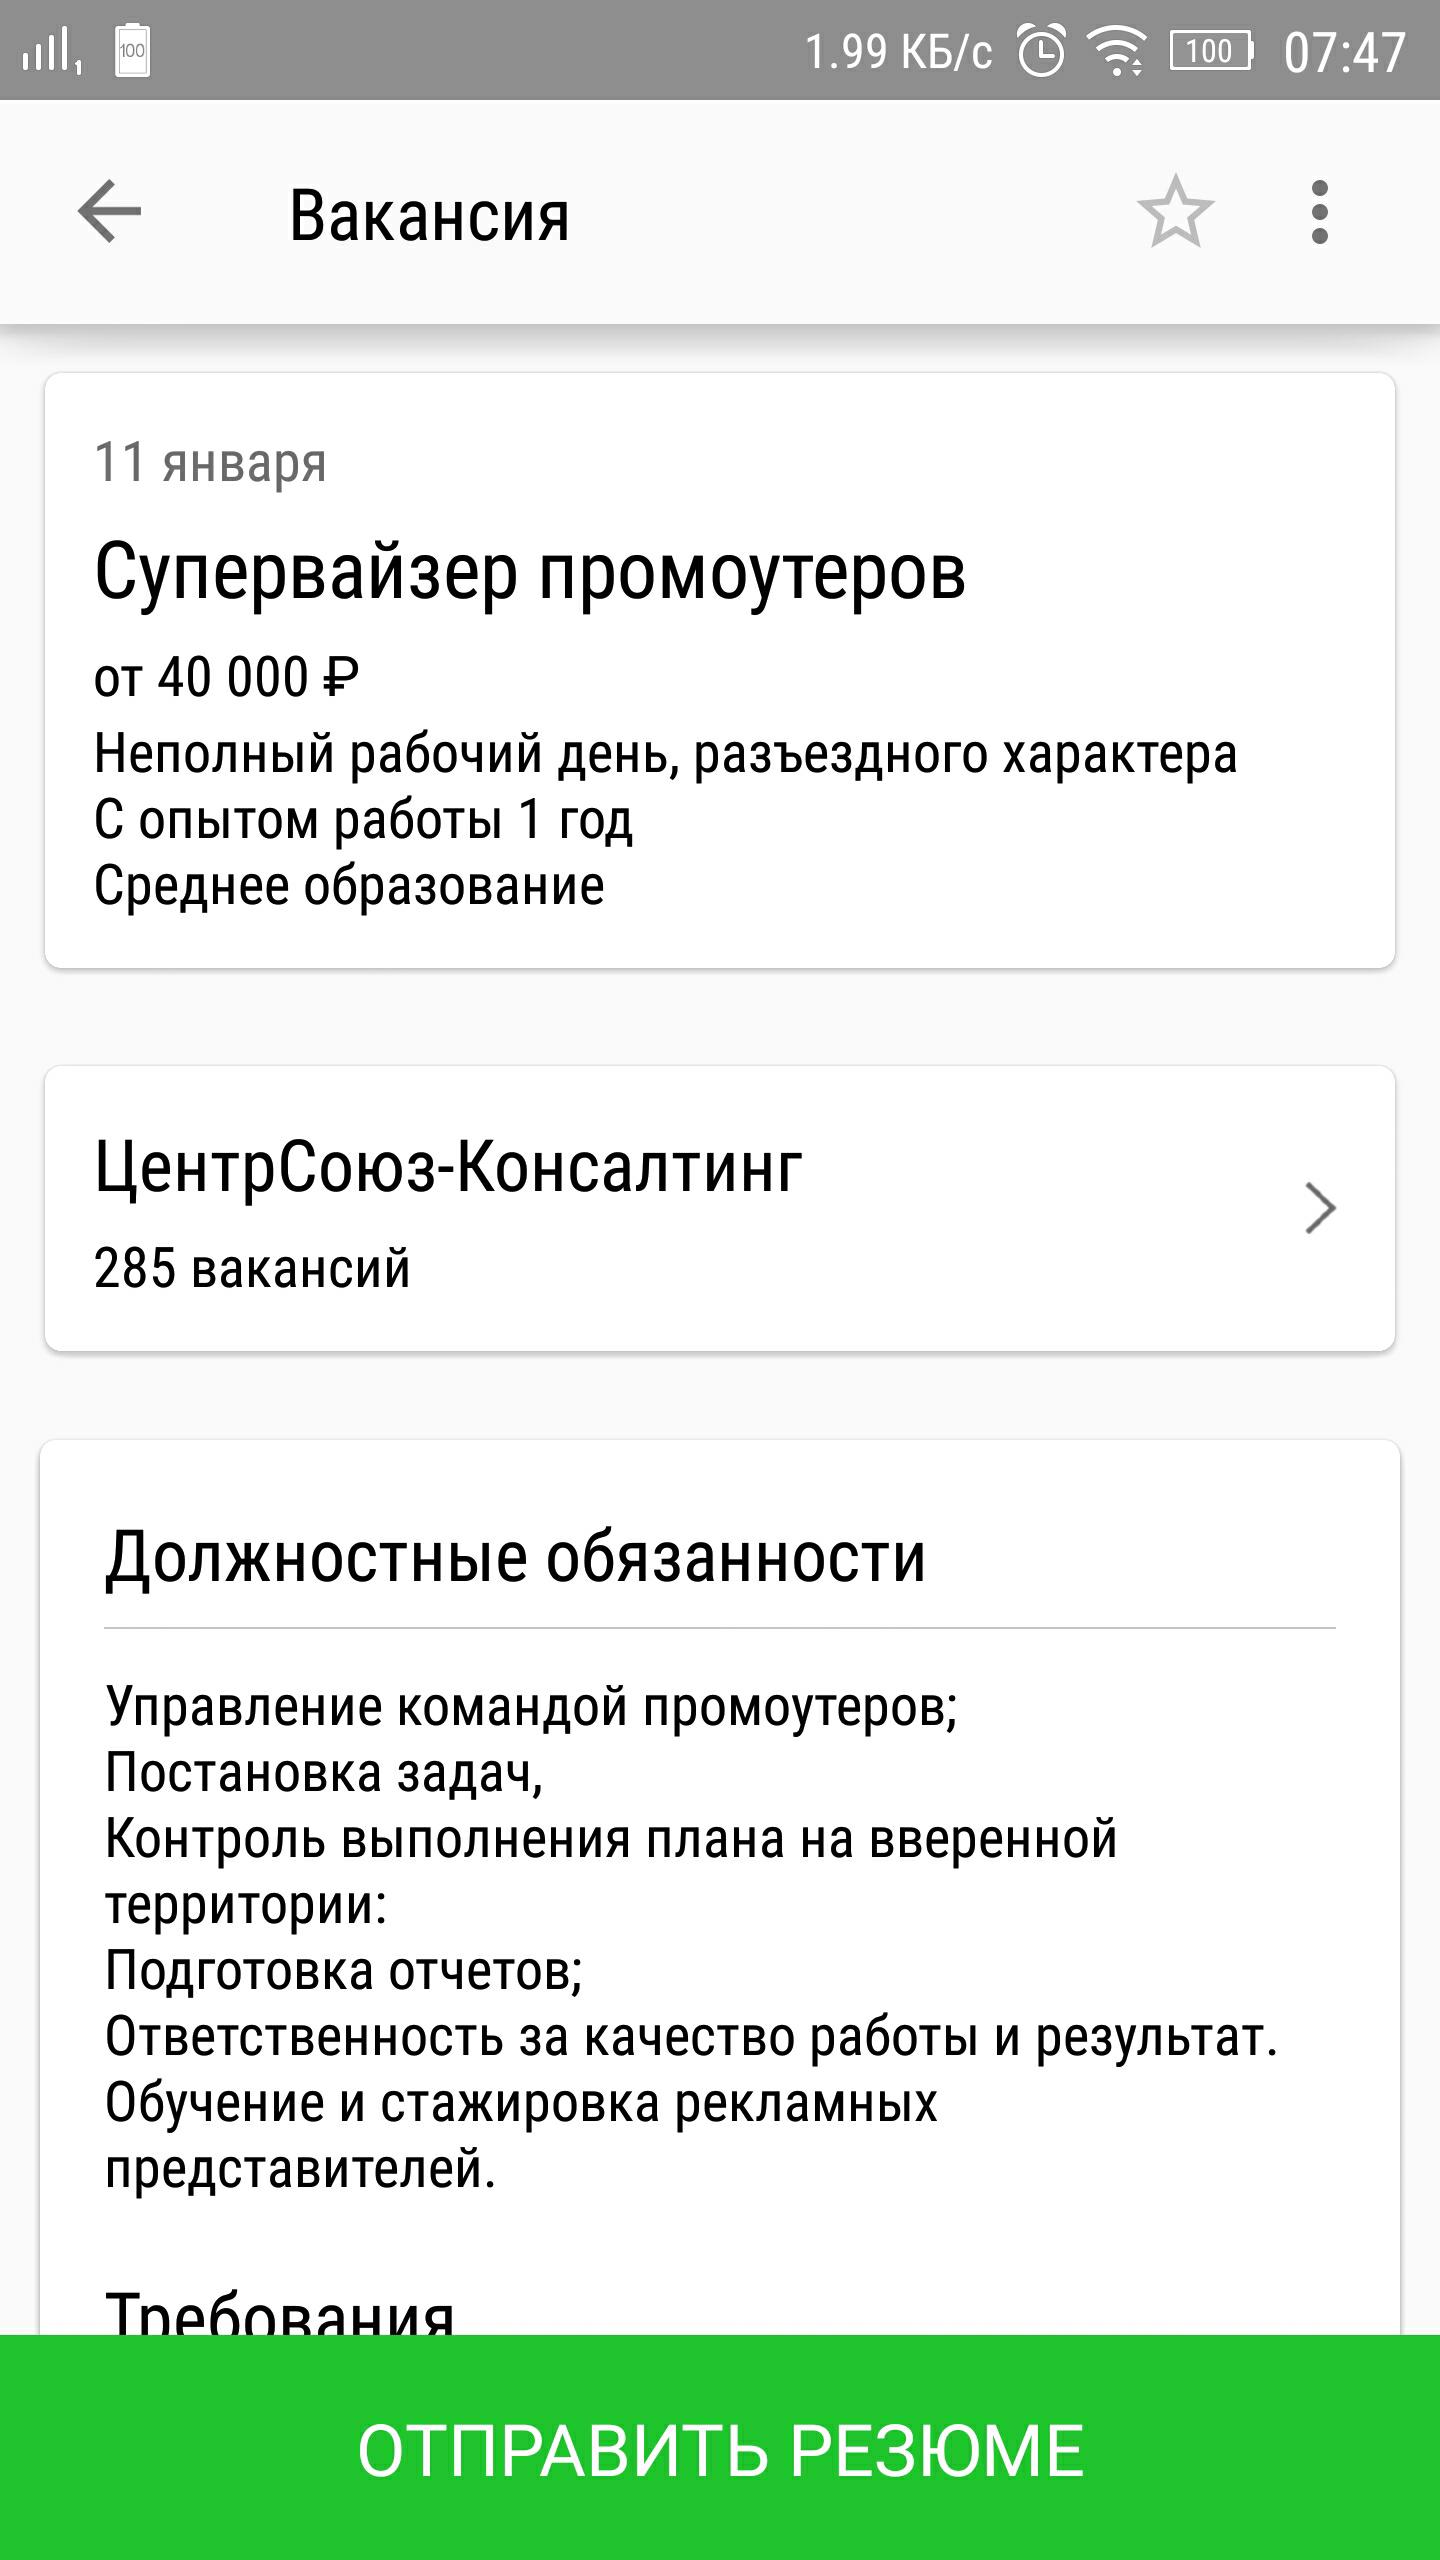 Промоутер: Стоит нам подписать контракт, как все сразу хотят Головкина